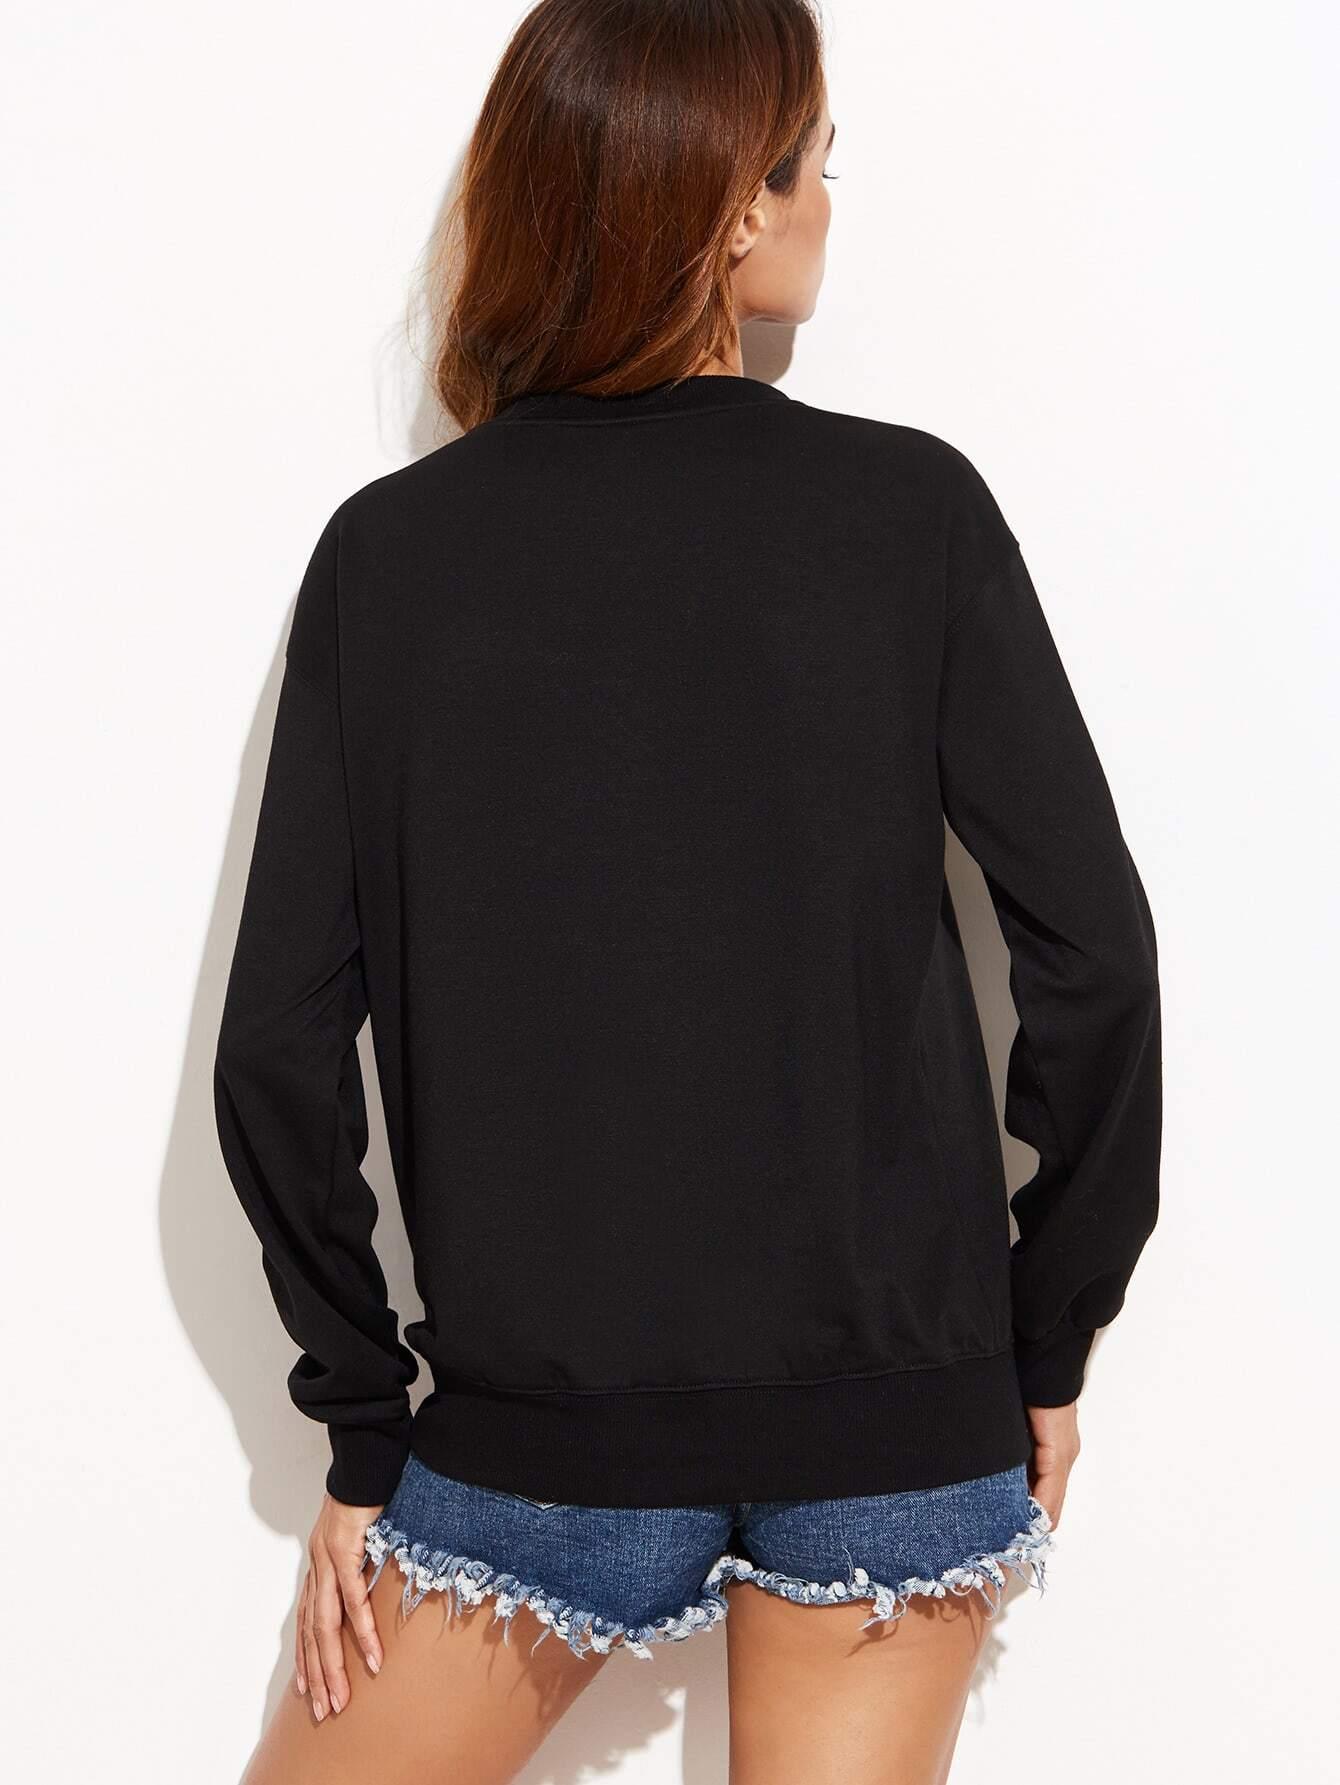 sweatshirt160915704_2